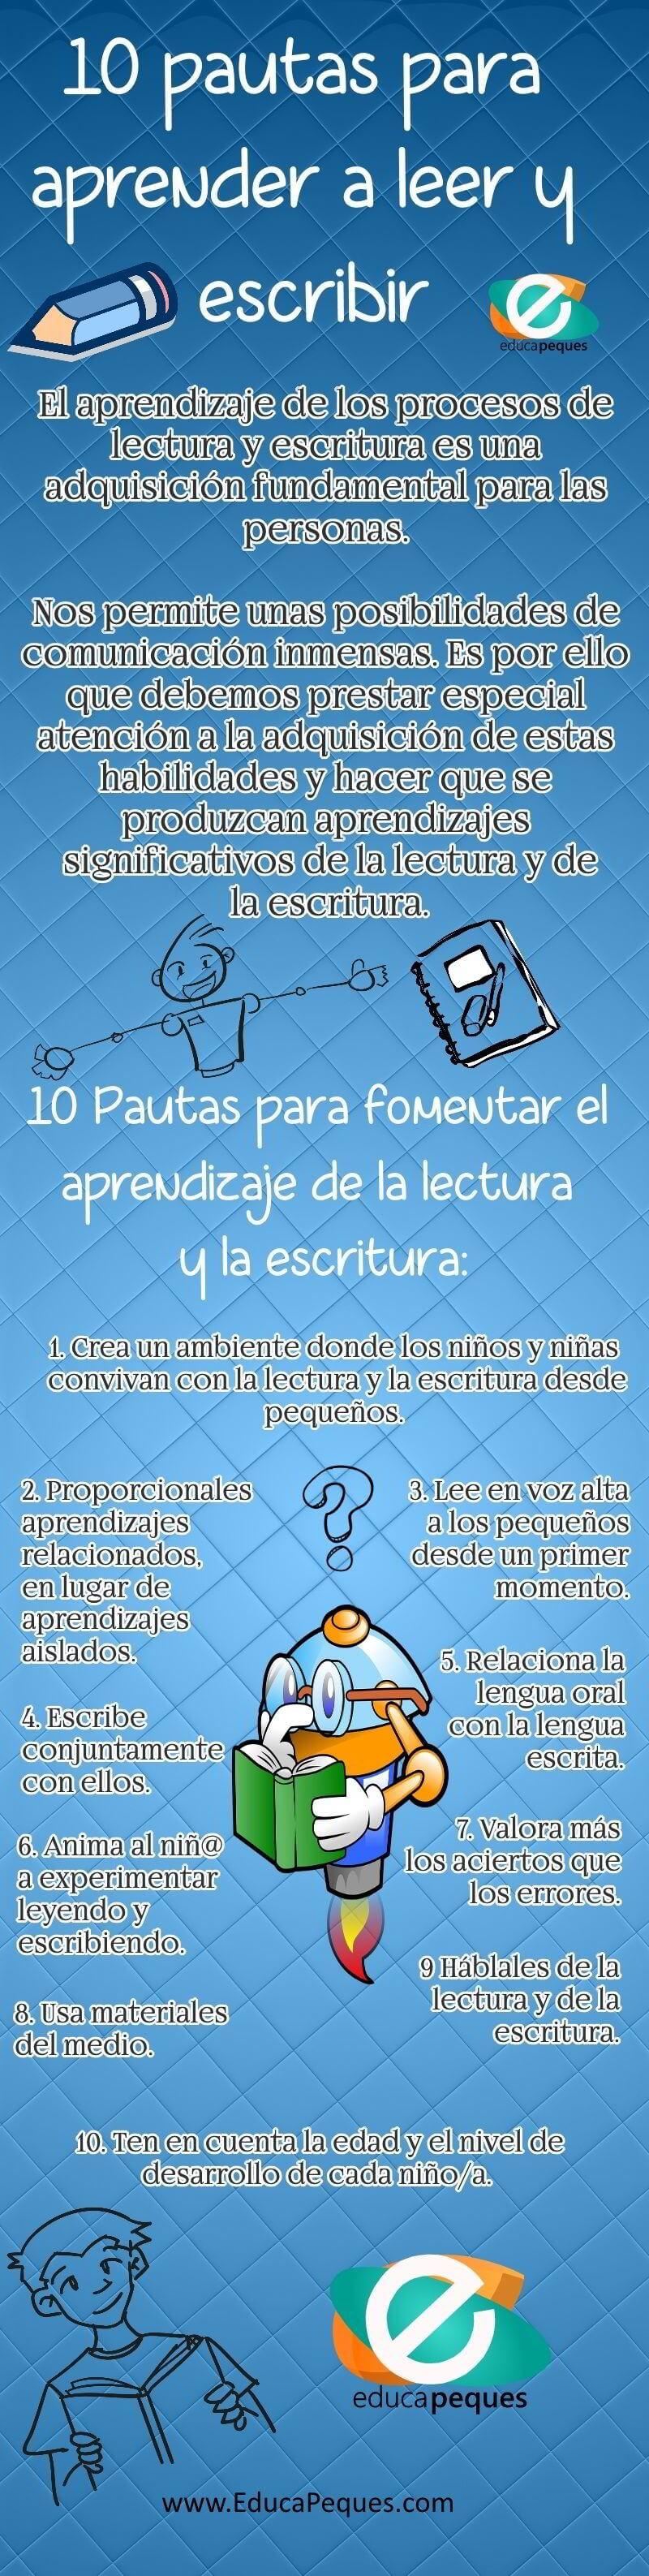 10 pautas para fomentar el aprendizaje de la lectura y la escritura